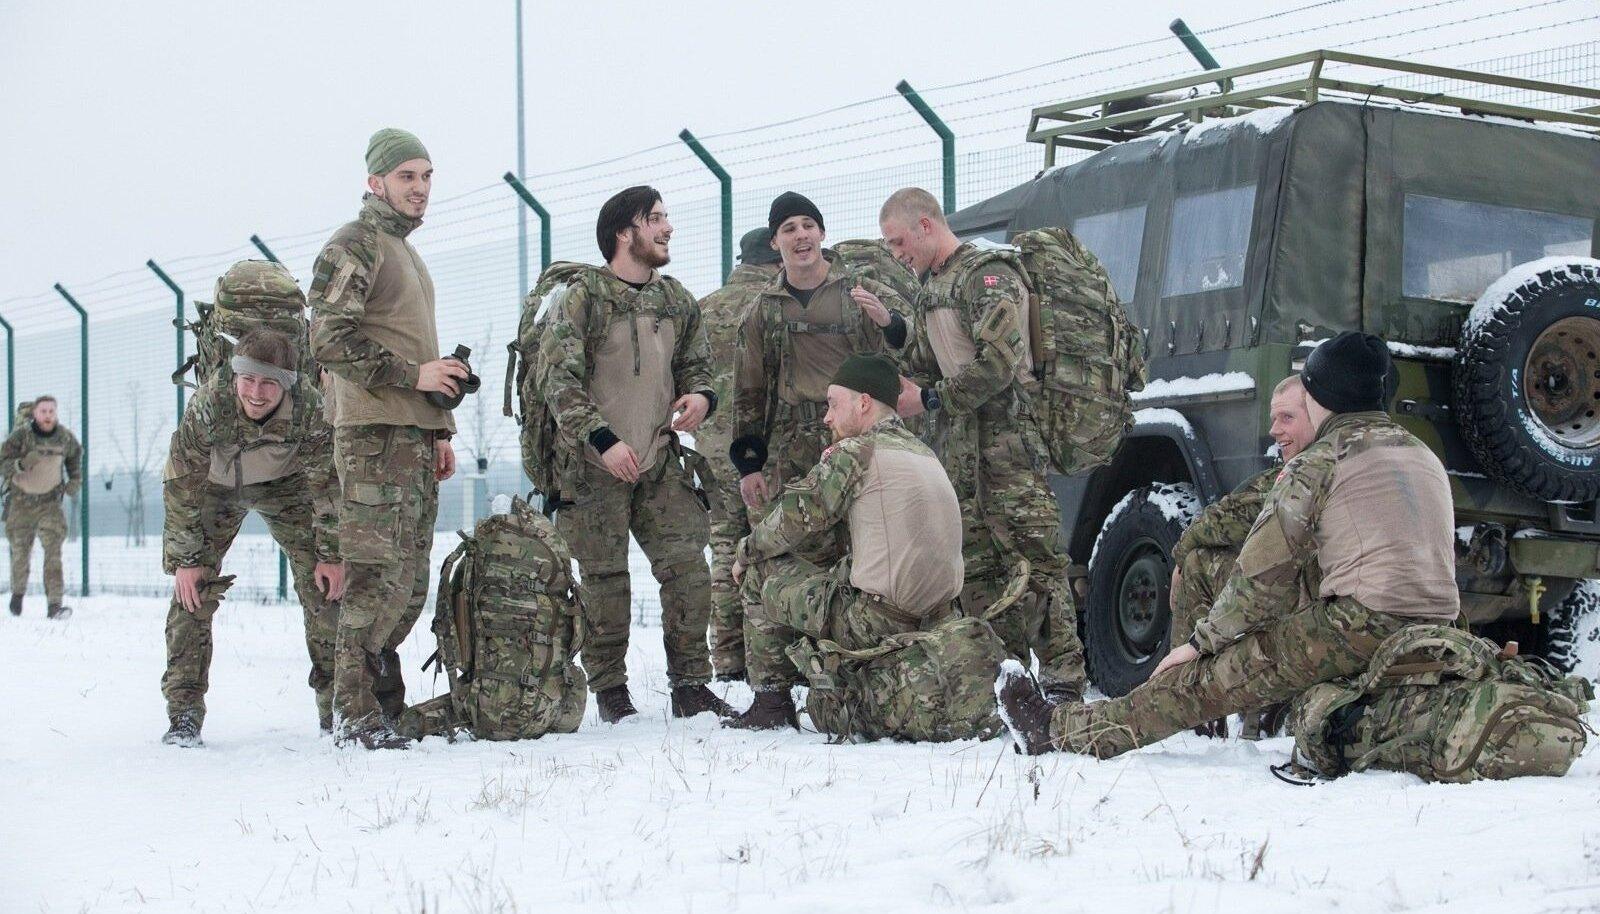 Eesti talveilm paneb proovile. Esimesele marsile ajasid kõik ohtralt riideid selga.